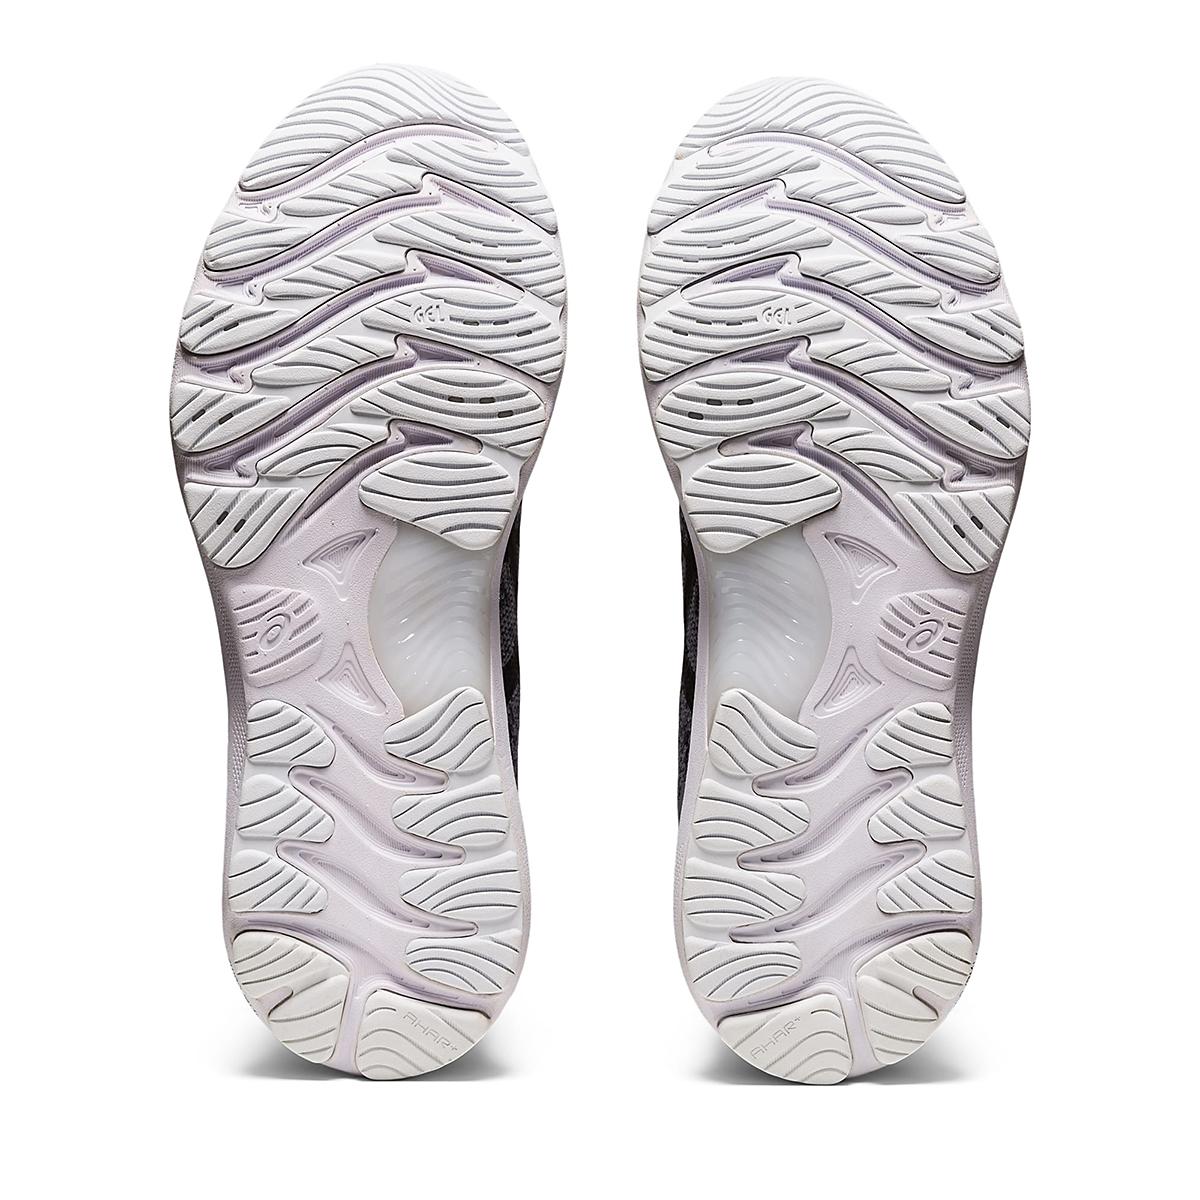 Men's Asics Gel-Nimbus 23 Knit Running Shoe - Color: Sheet Rock/Black - Size: 7 - Width: Regular, Sheet Rock/Black, large, image 4